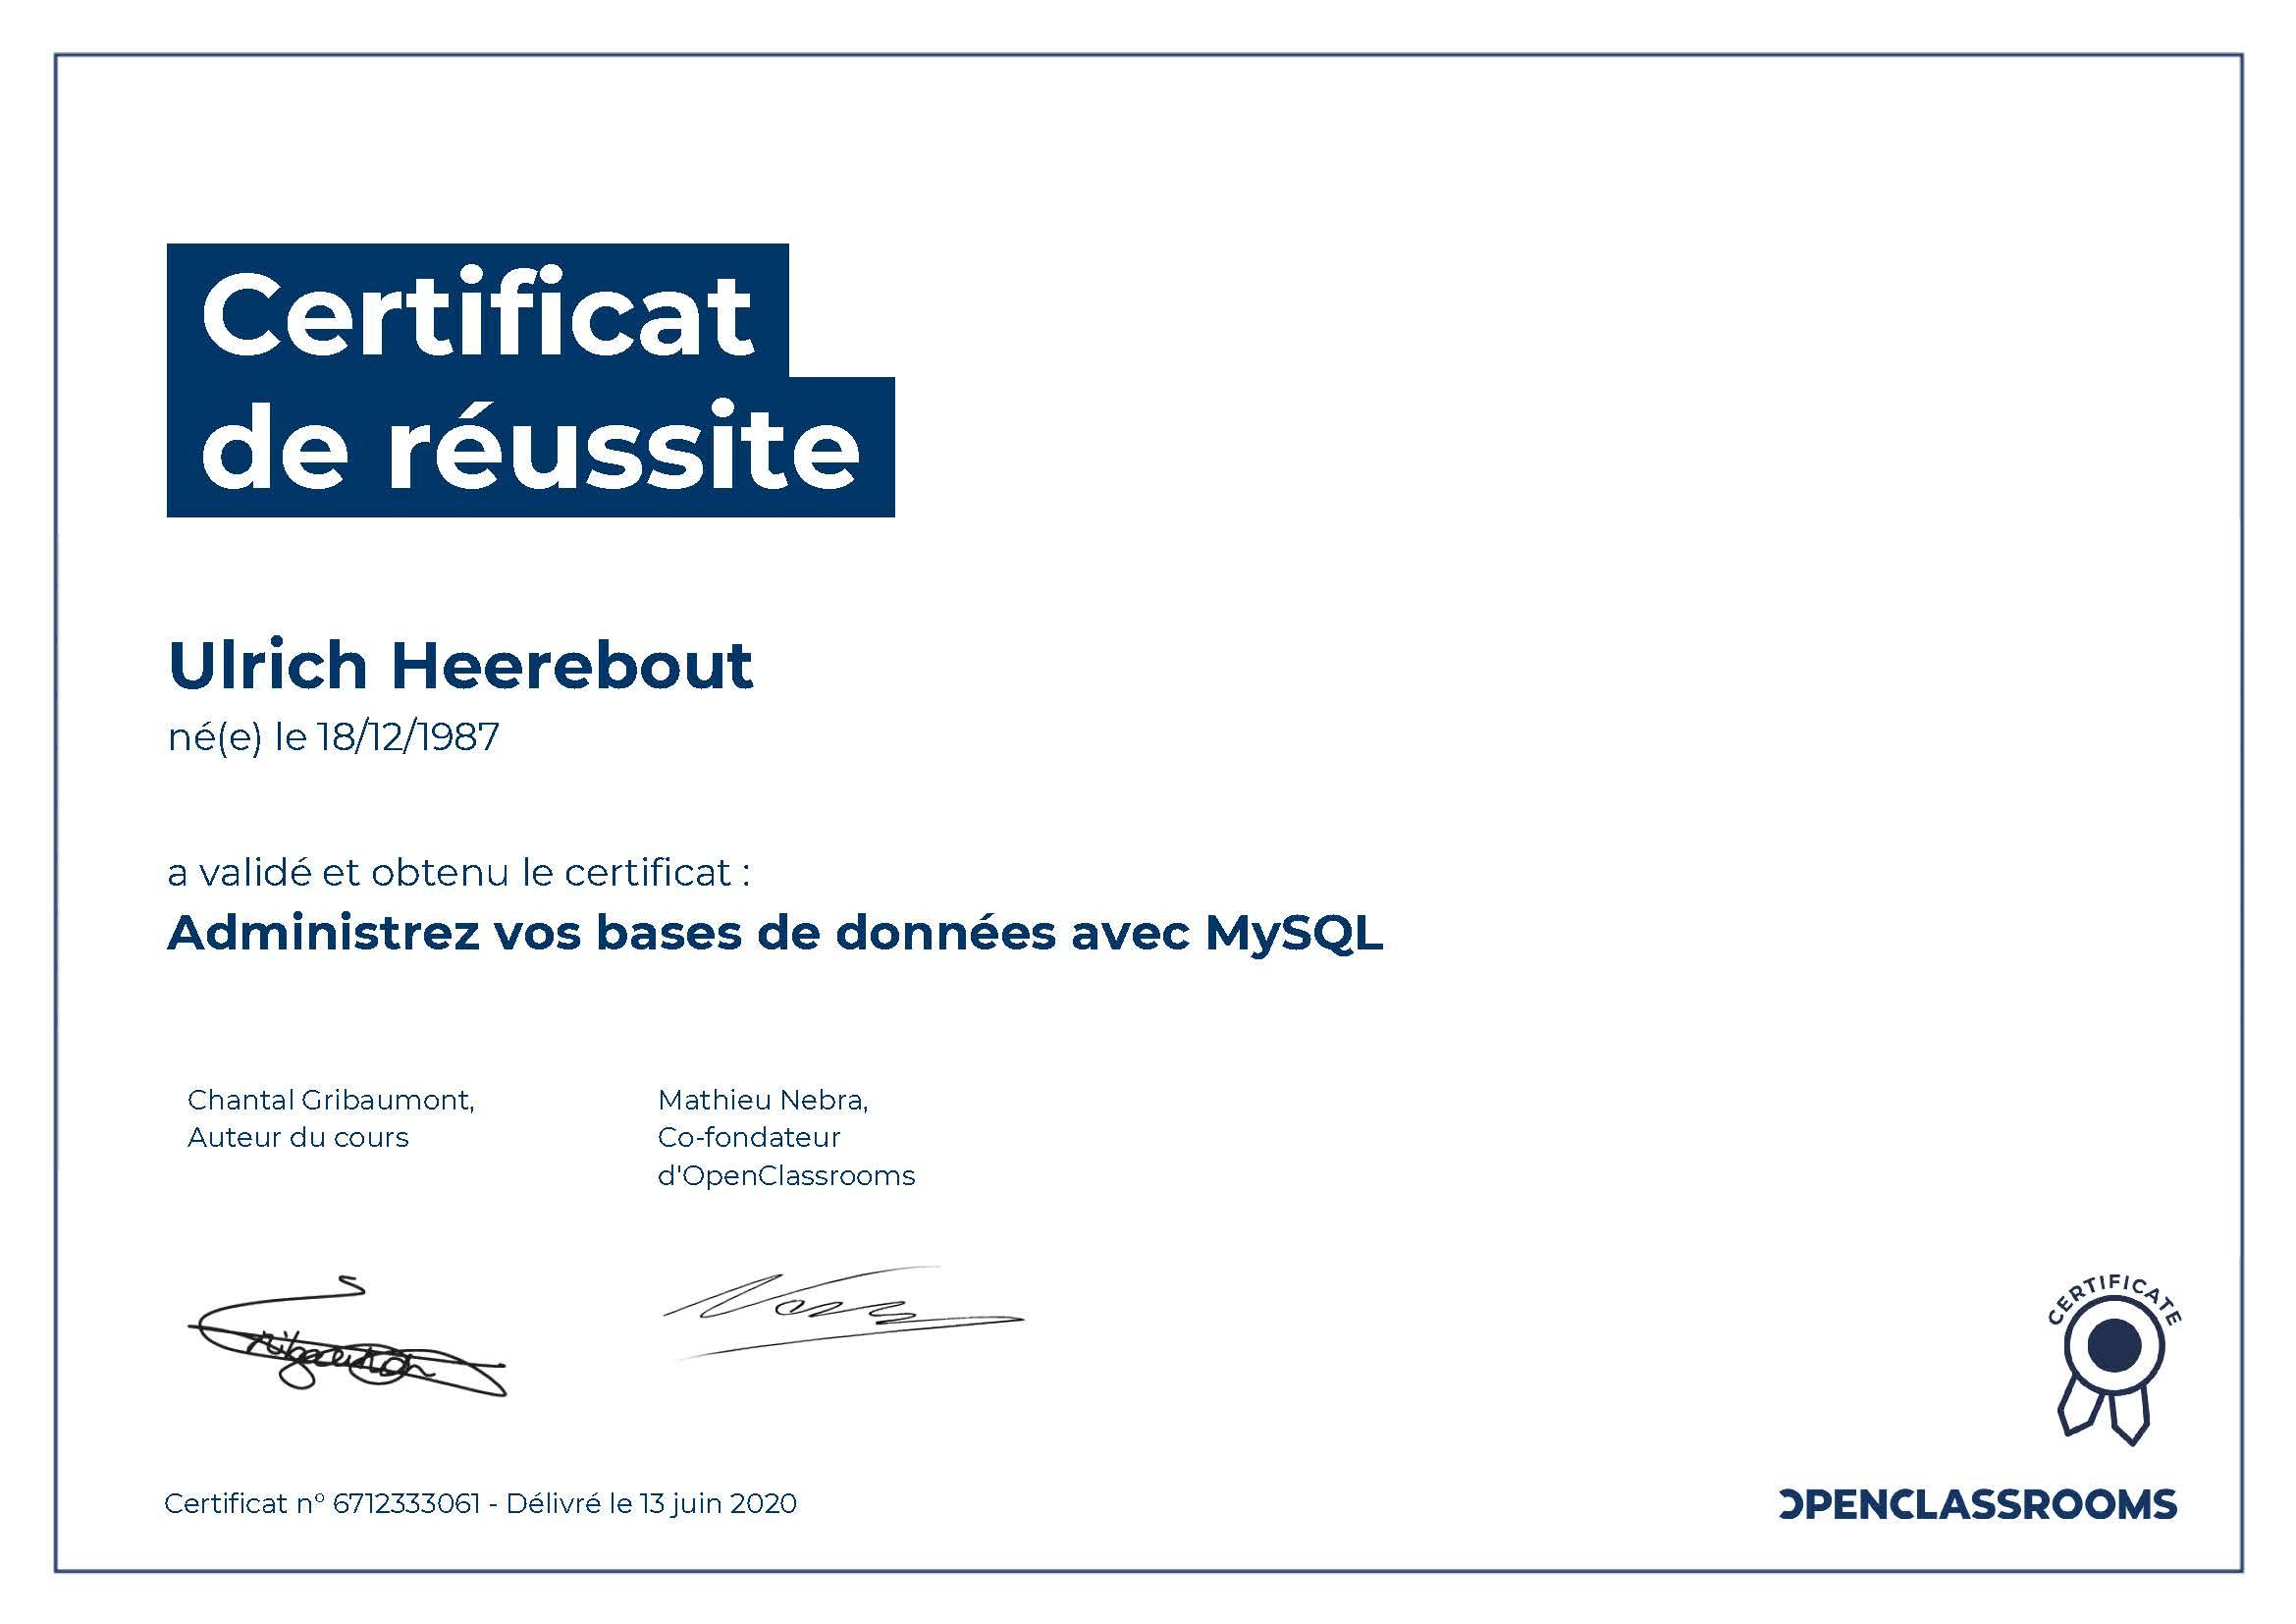 Certificat de réussite : Administrez vos bases de données avec MySQL